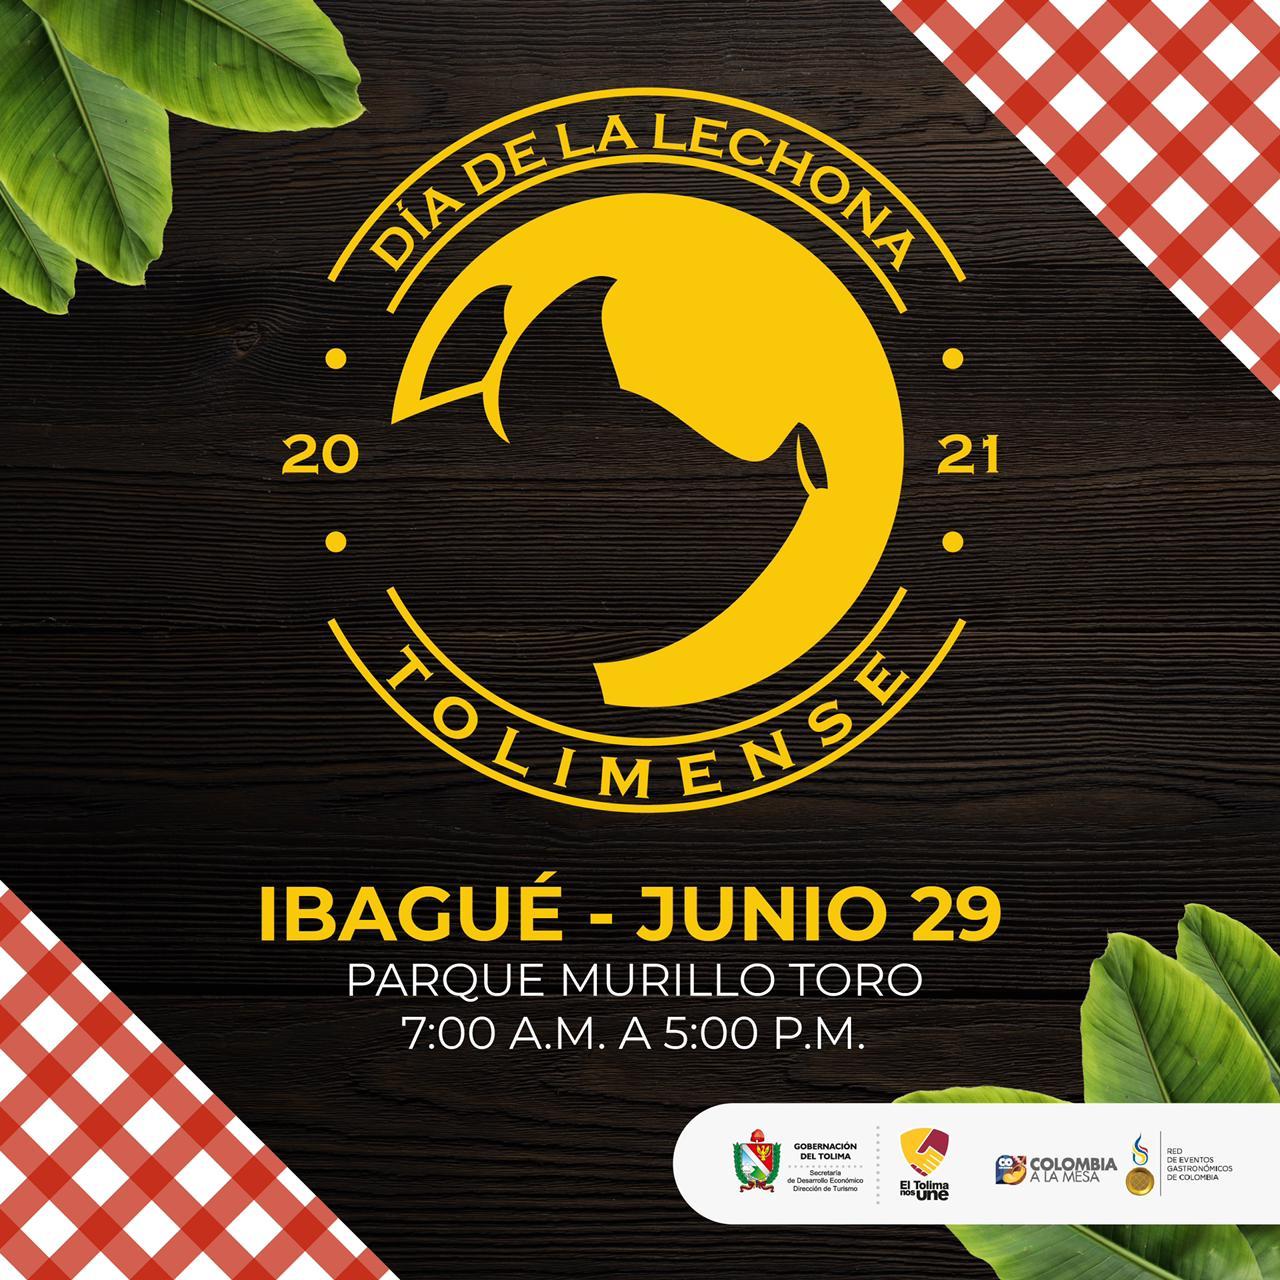 Listos los seleccionados para participar en el Día de lechona Tolimense en Ibagué y El Espinal